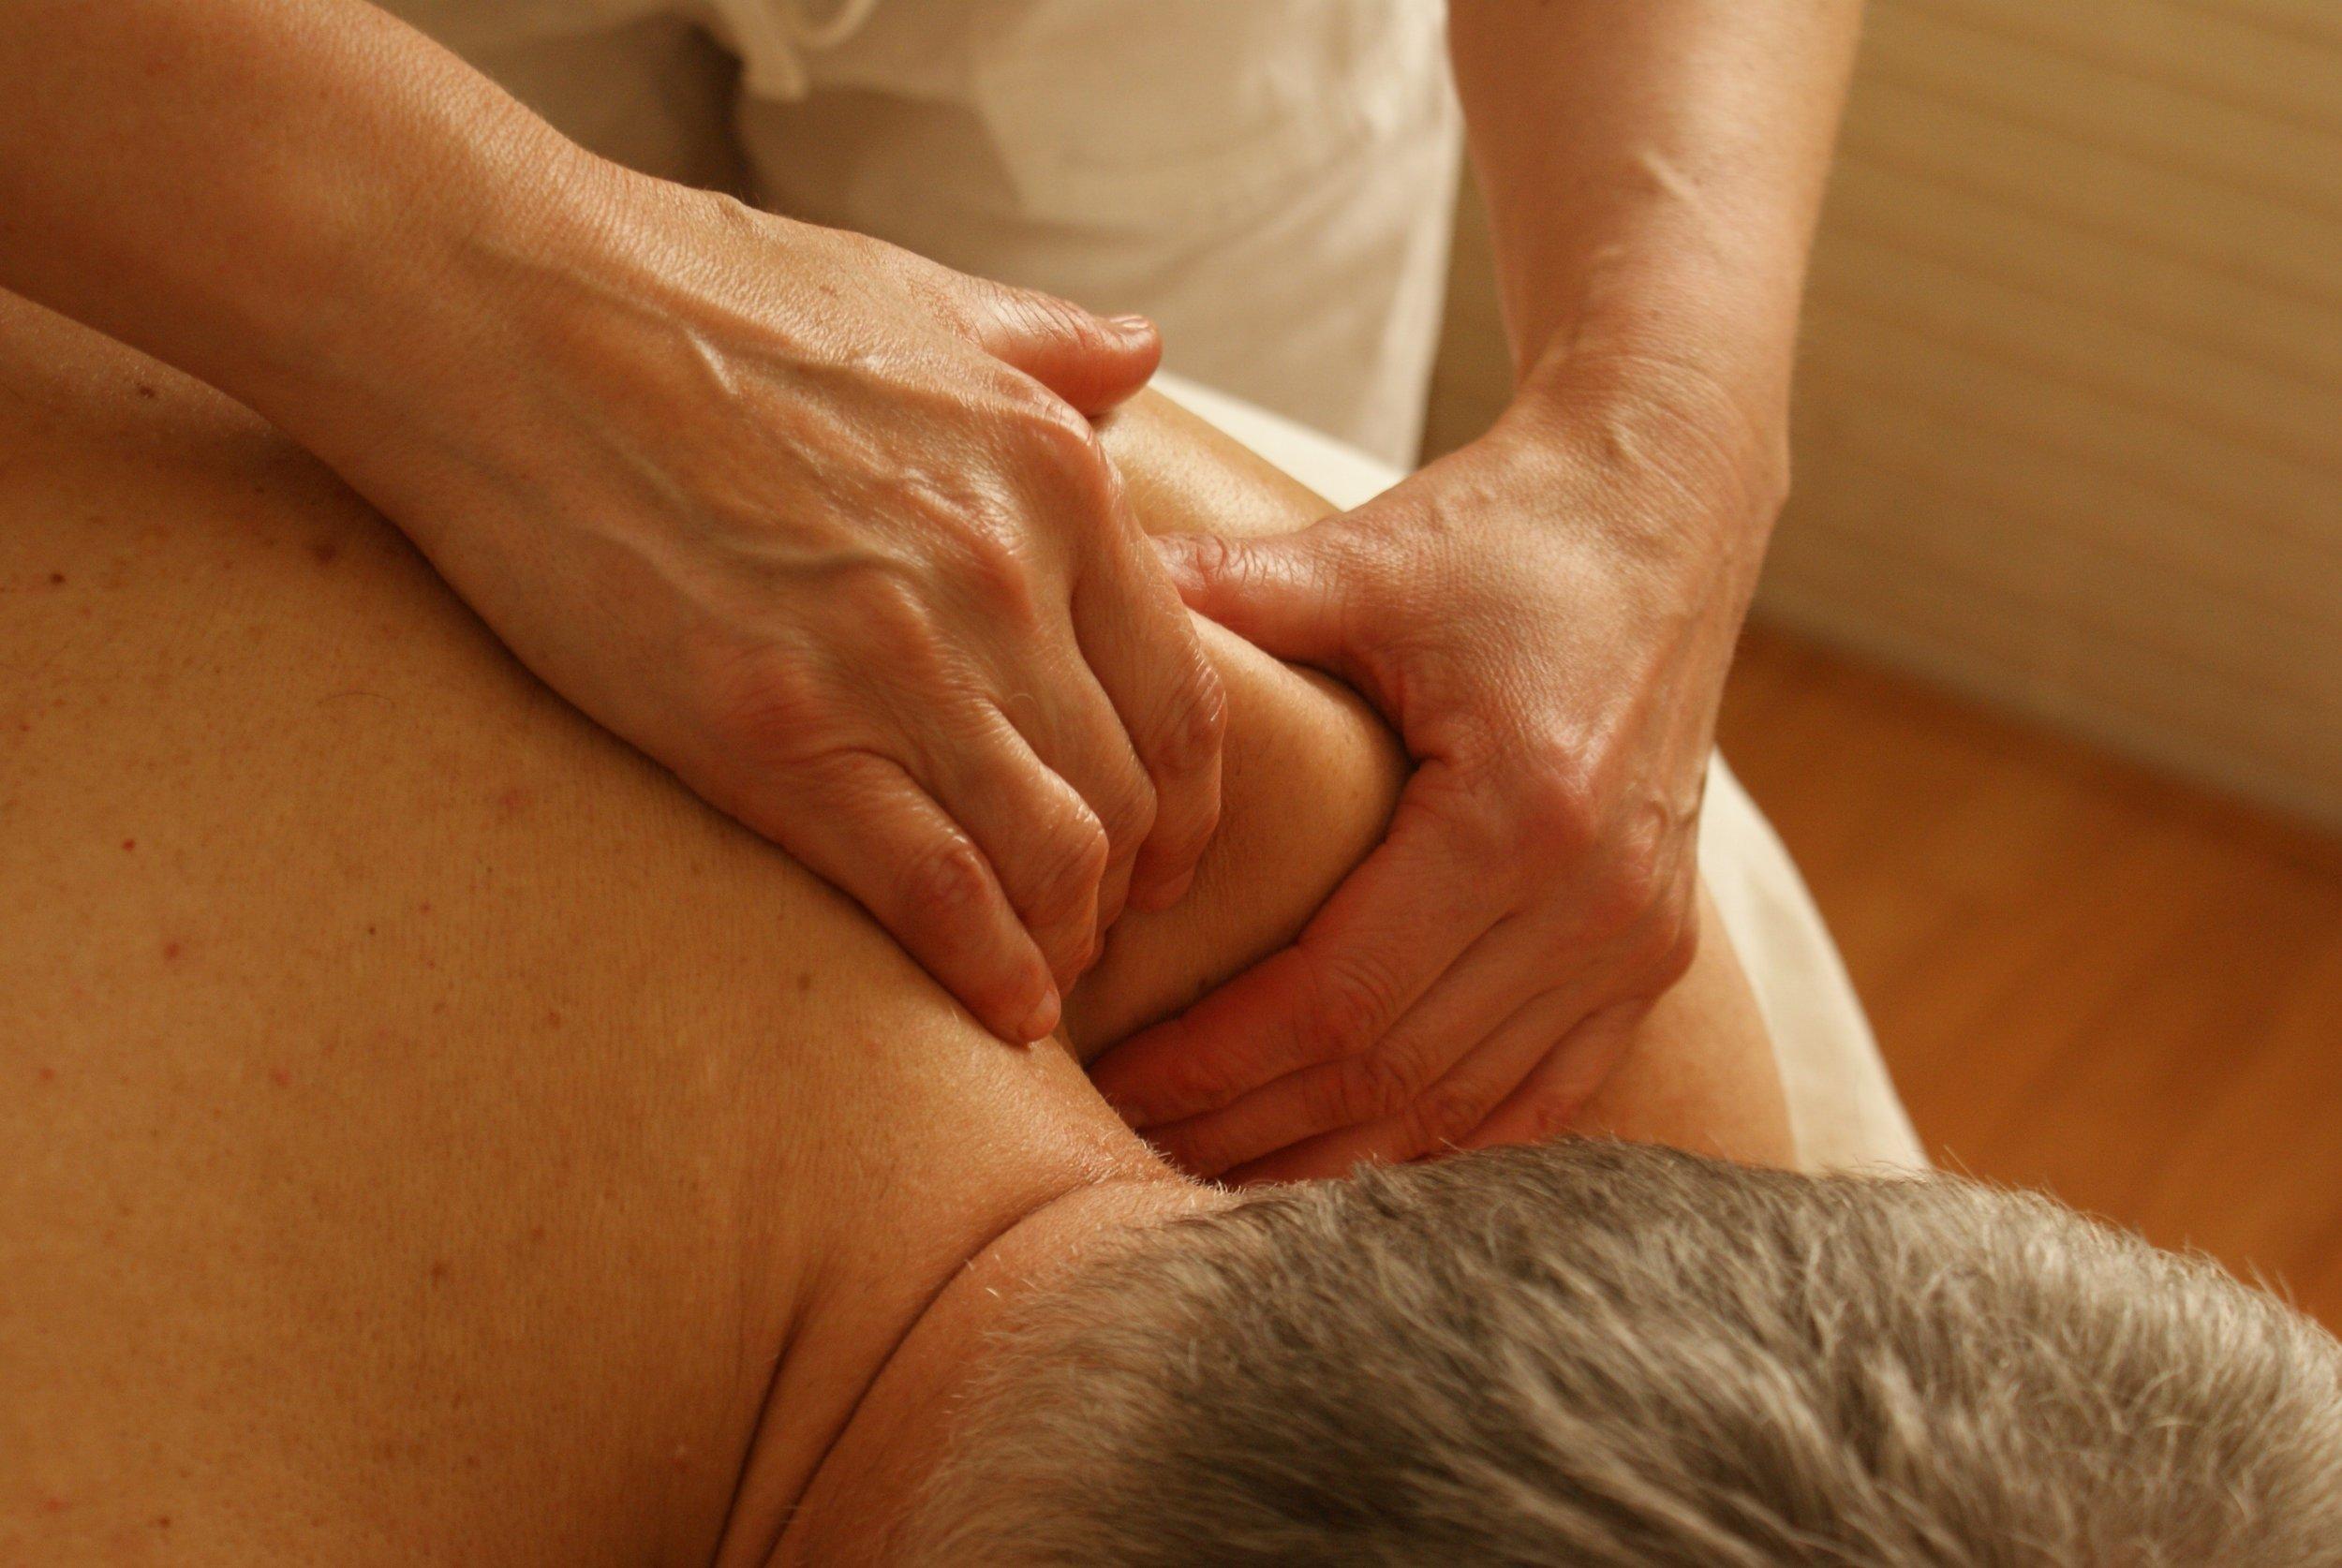 mann_massage_behandlung